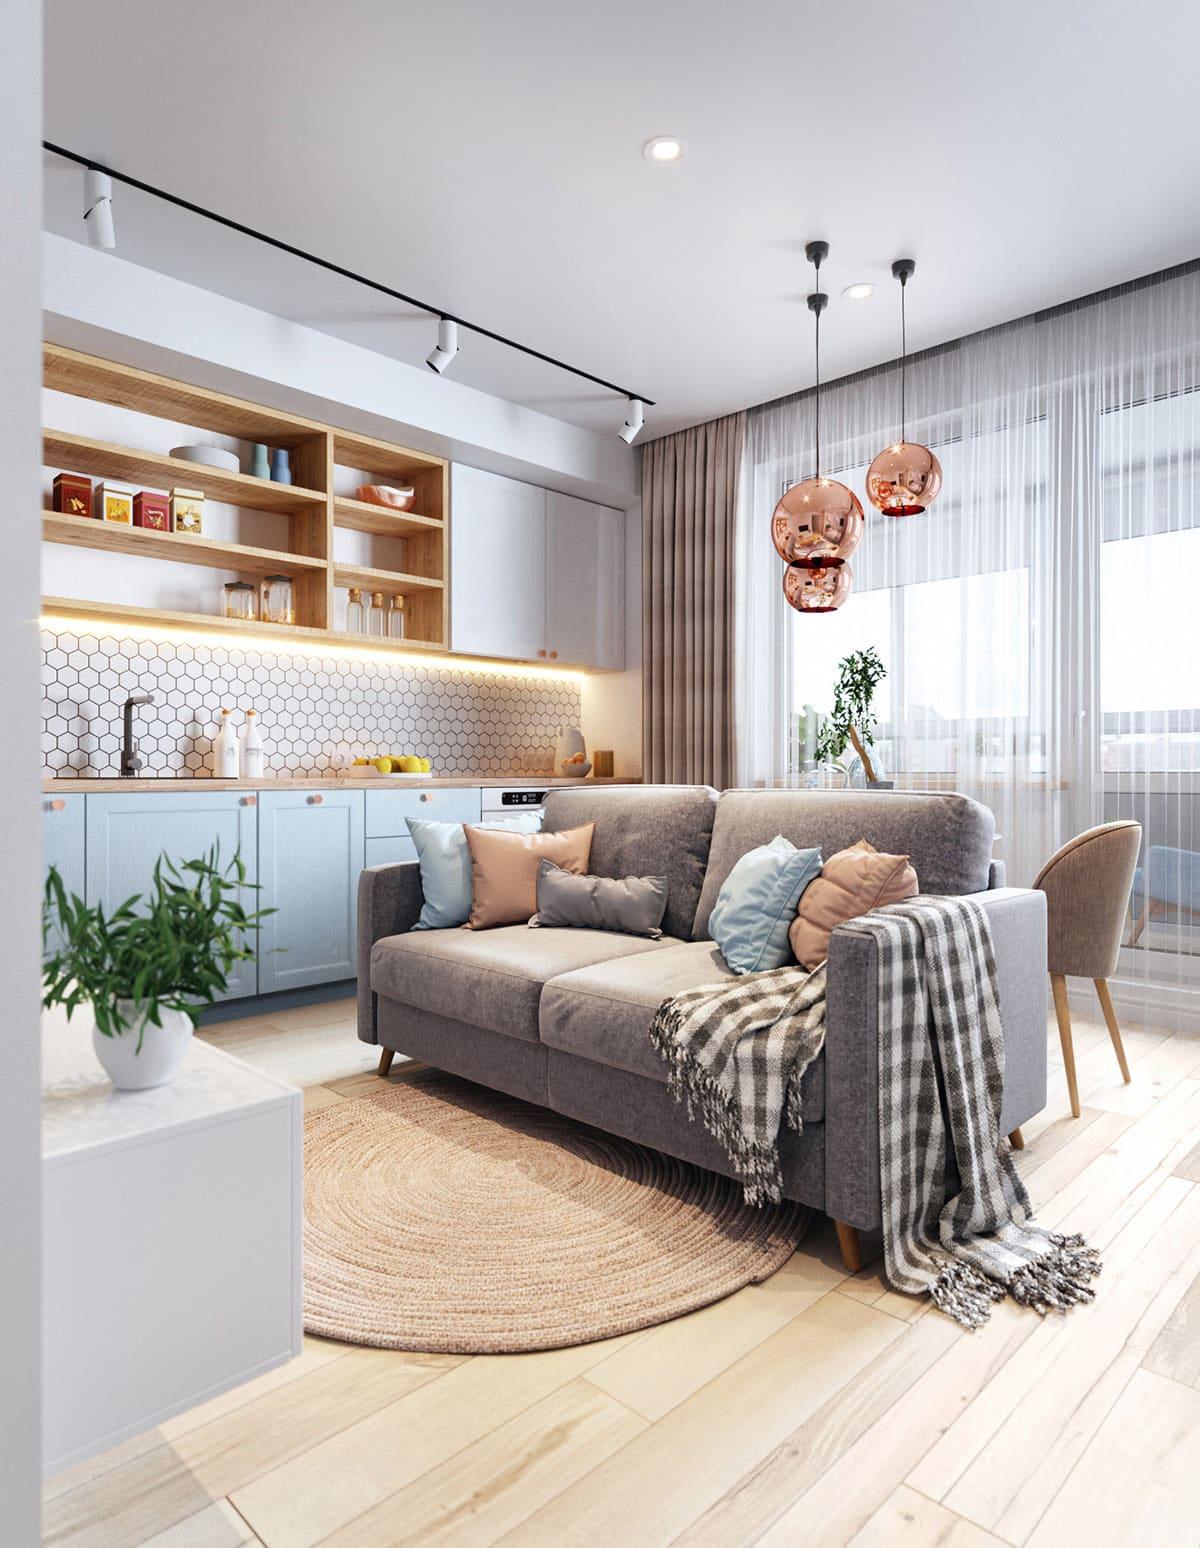 conception d'un petit appartement photo 30